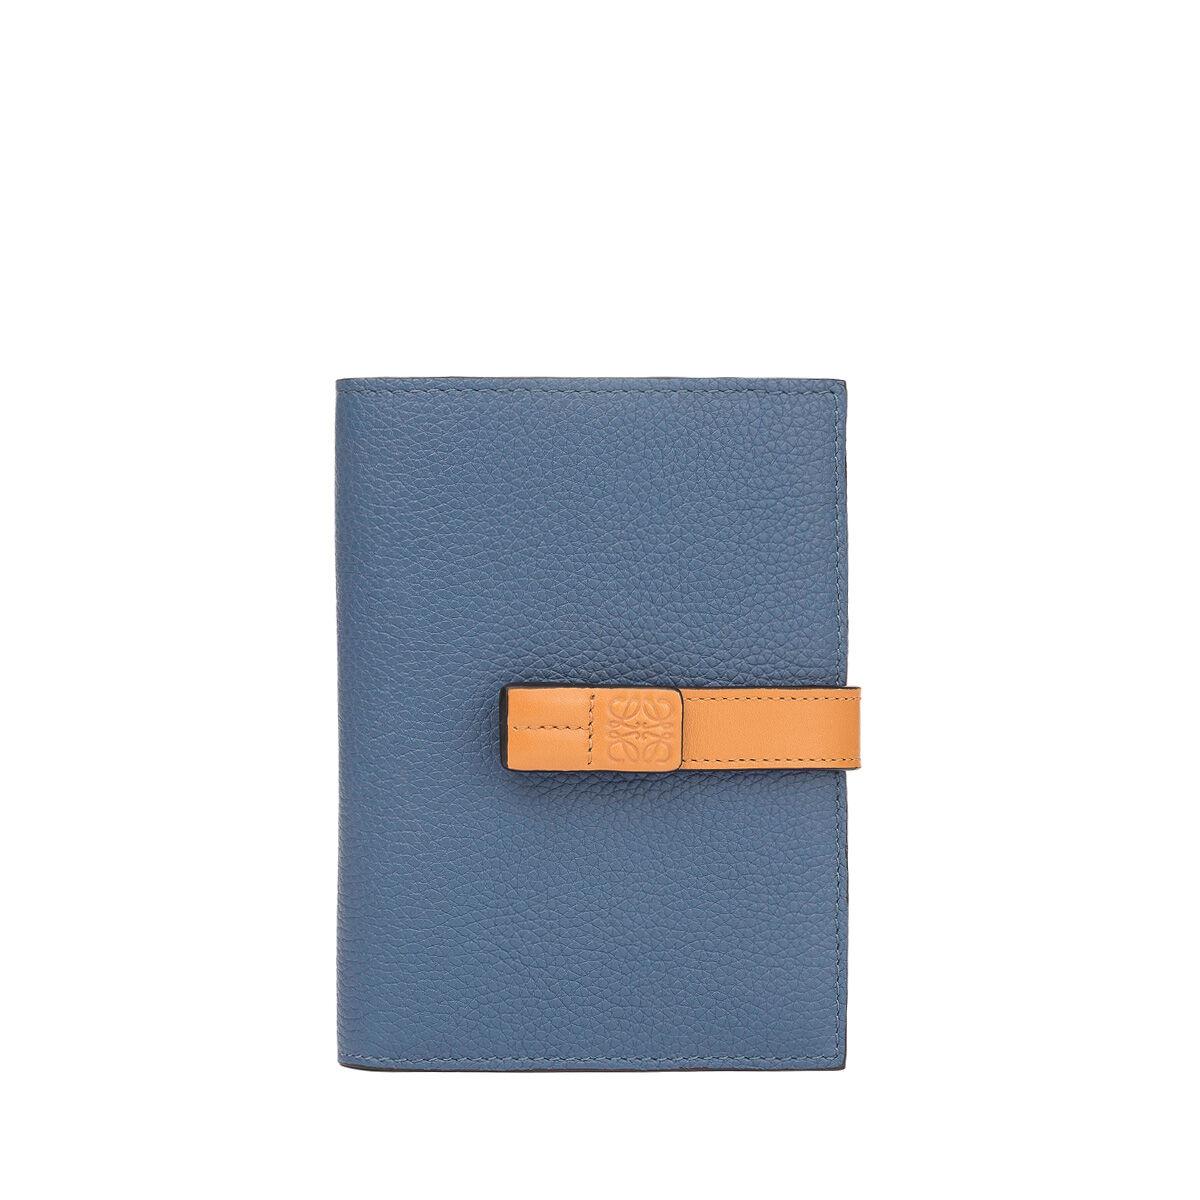 LOEWE Billetero Mediano Vertical Azul Varsity/Miel all